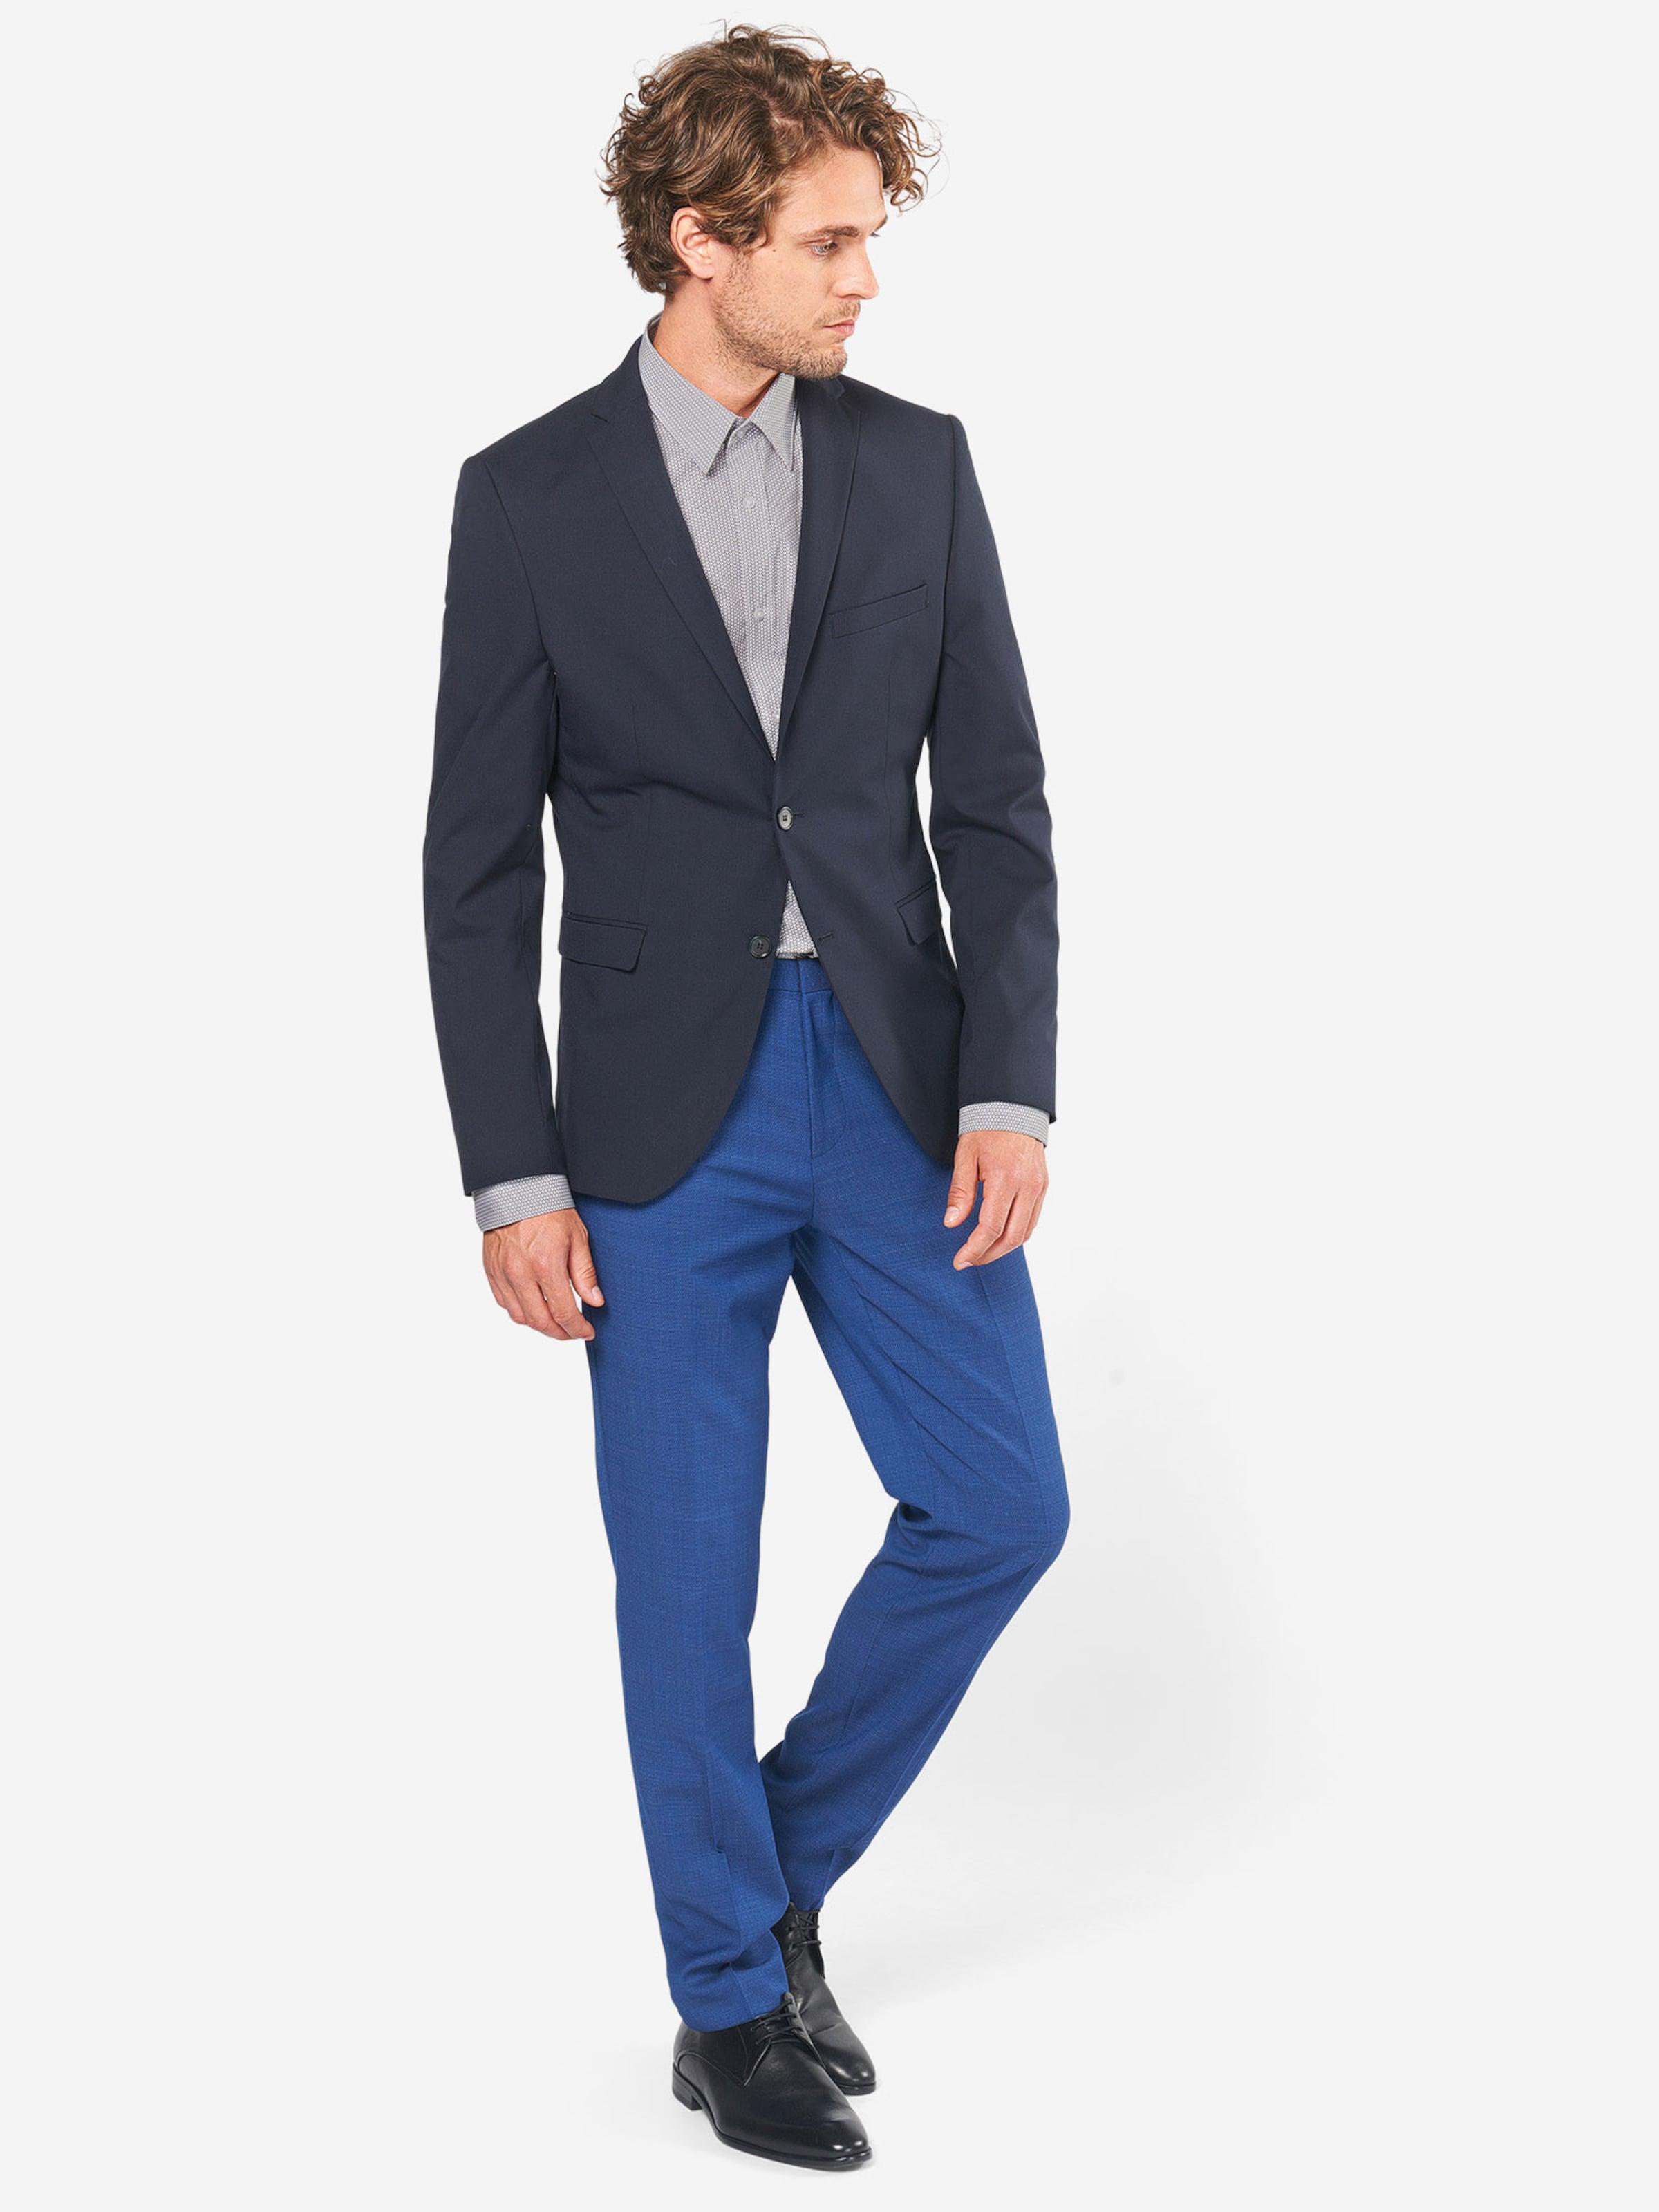 Empfehlen Verkauf Niedrigen Preis Versandgebühr HUGO Extra Slim Fit Hemd 'Elisha01' 2018 Online-Verkauf Spielraum Erstaunlicher Preis Hi4NzW